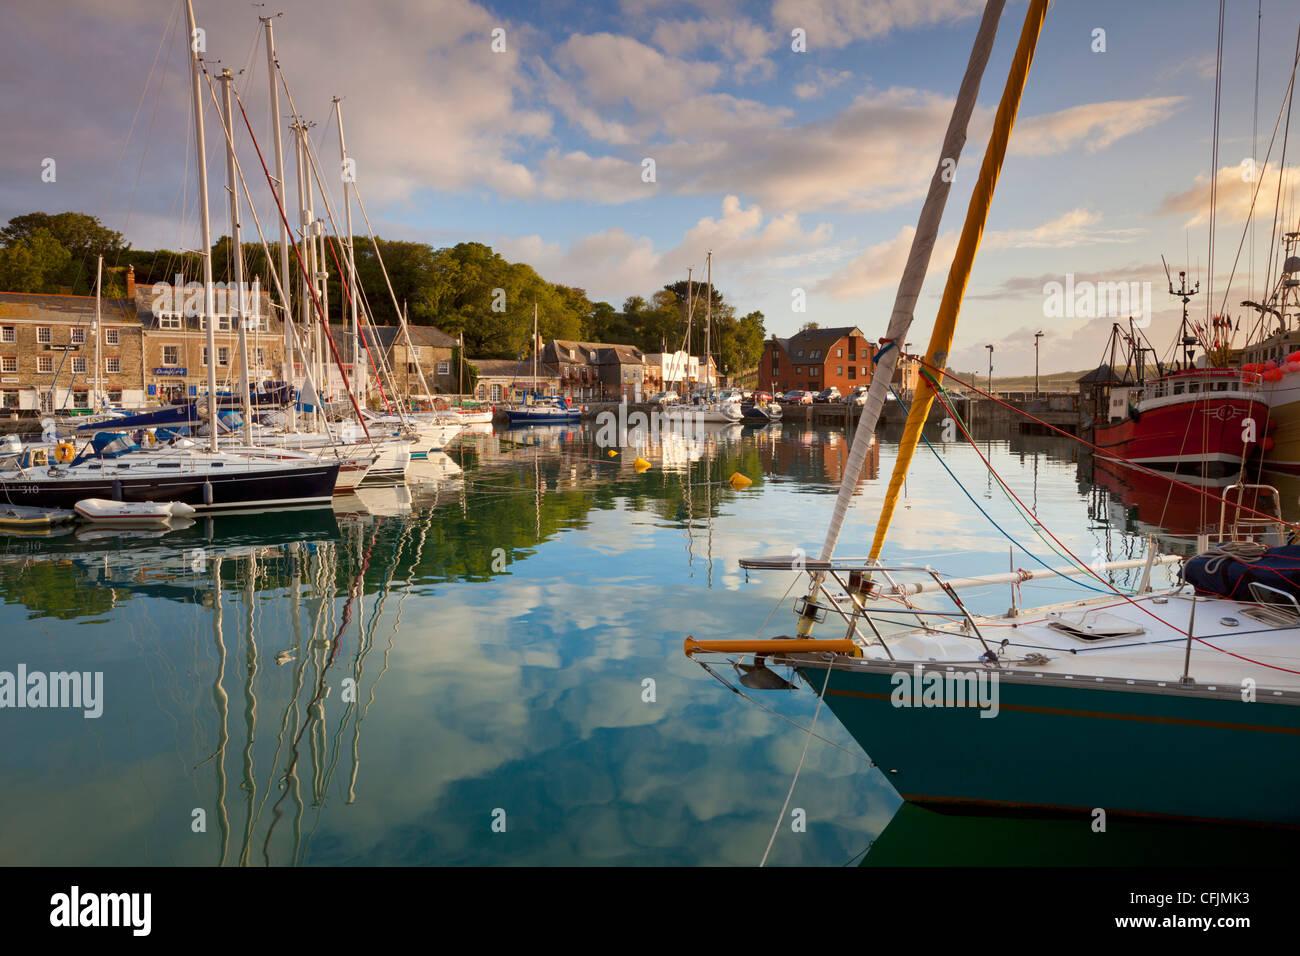 Bajo la luz de la mañana y velero reflexiones en Padstow Harbor, Cornwall, Inglaterra, Reino Unido, Europa Imagen De Stock